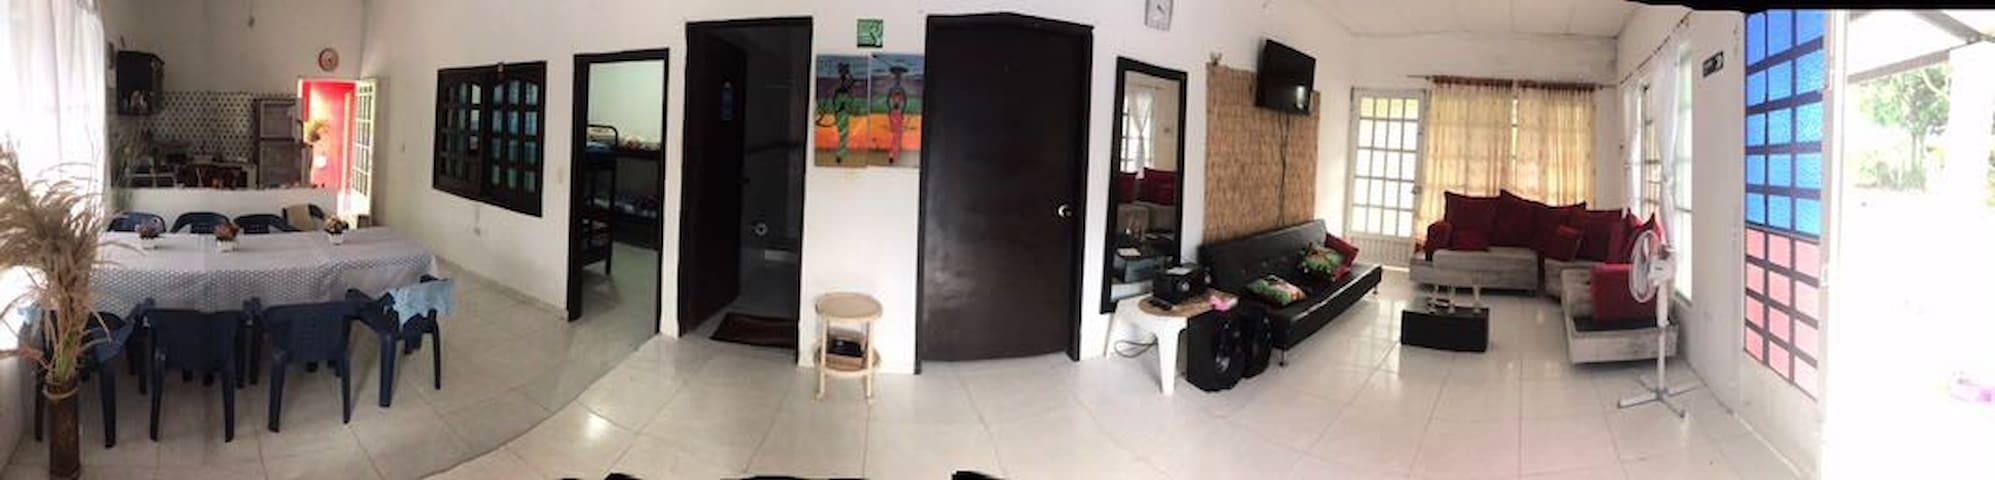 Casa vacacional  villa samara